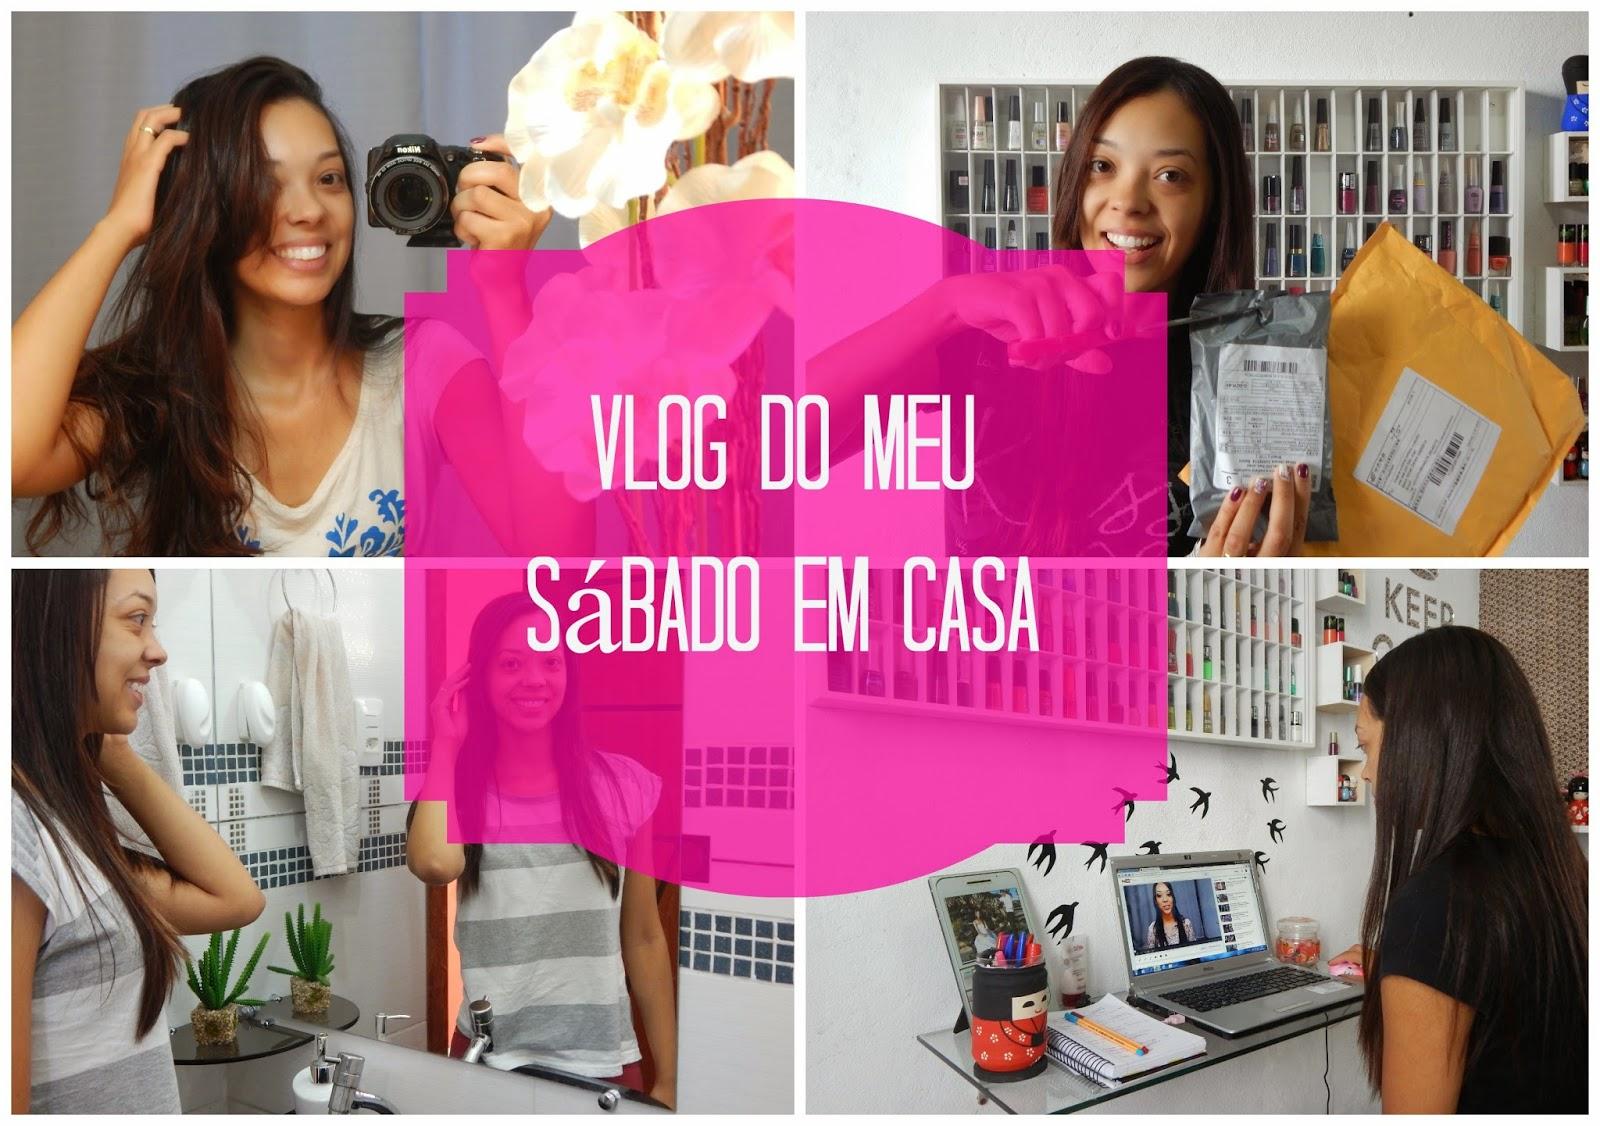 Vlog do meu Sábado em Casa